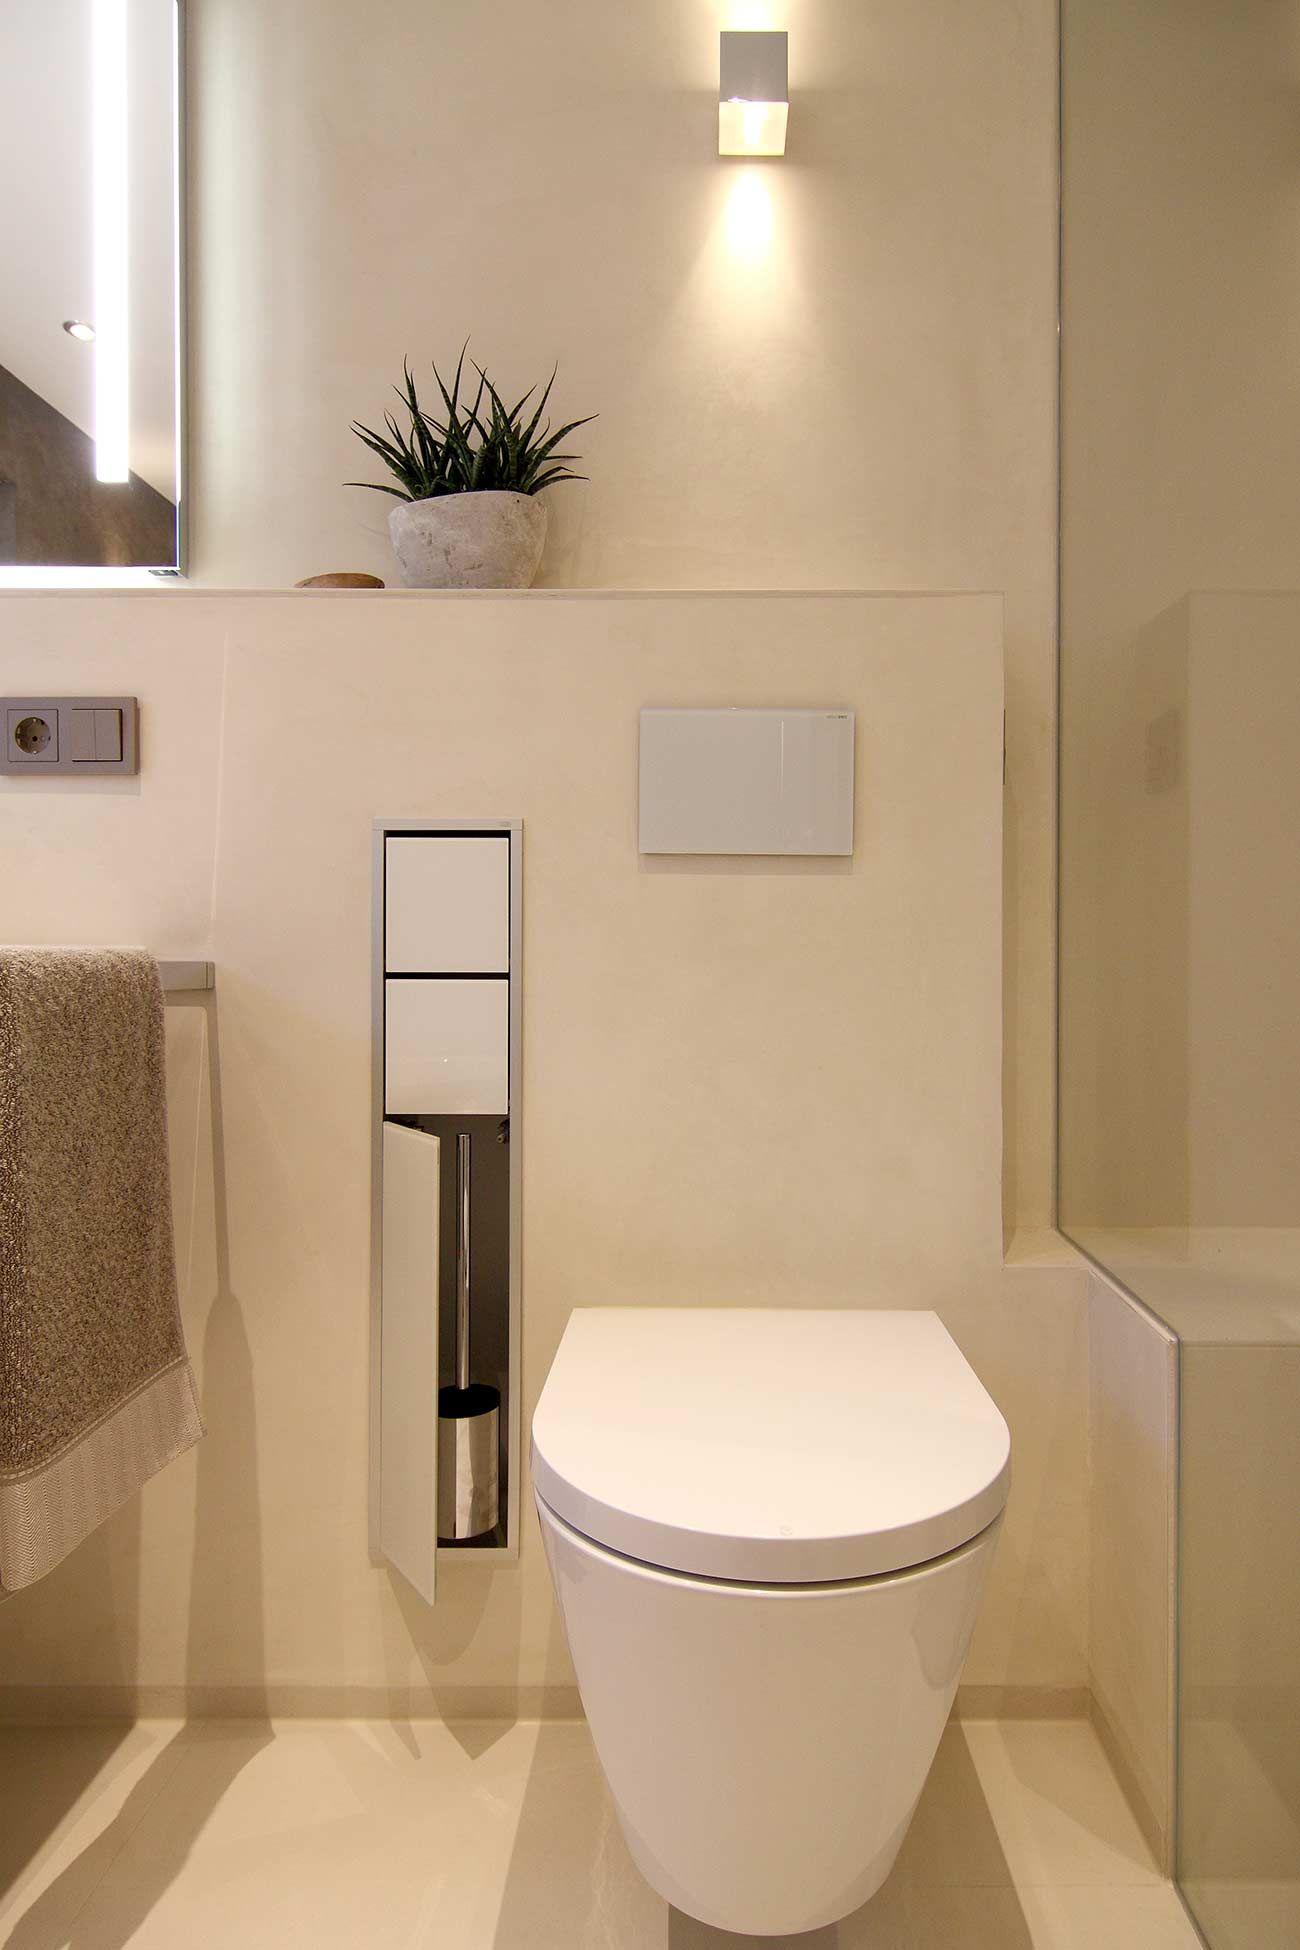 Badezimmer Badezimmerideen, Kleine badezimmer design und